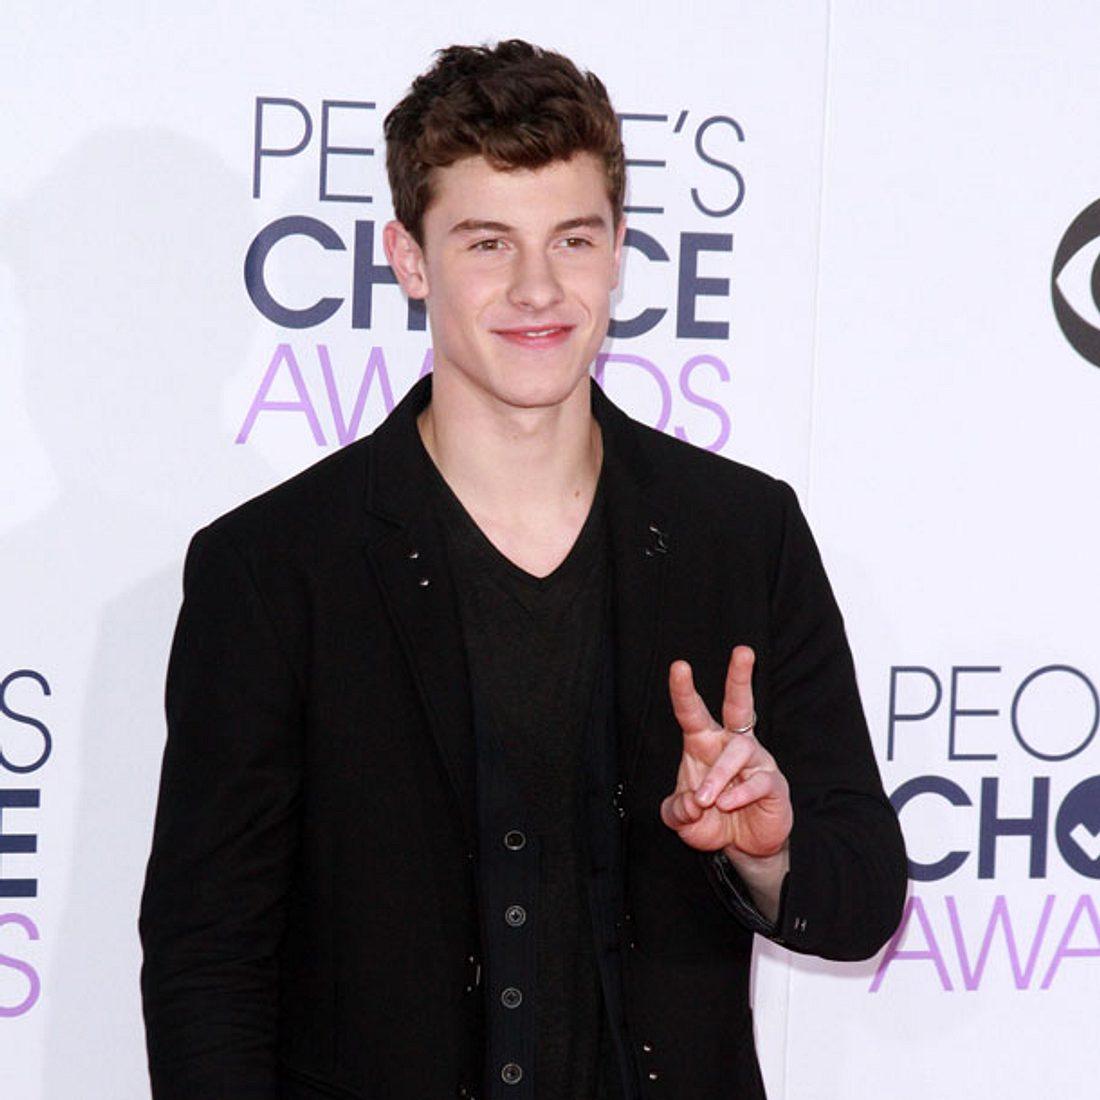 Das wusstest du sicher nicht über Shawn Mendes